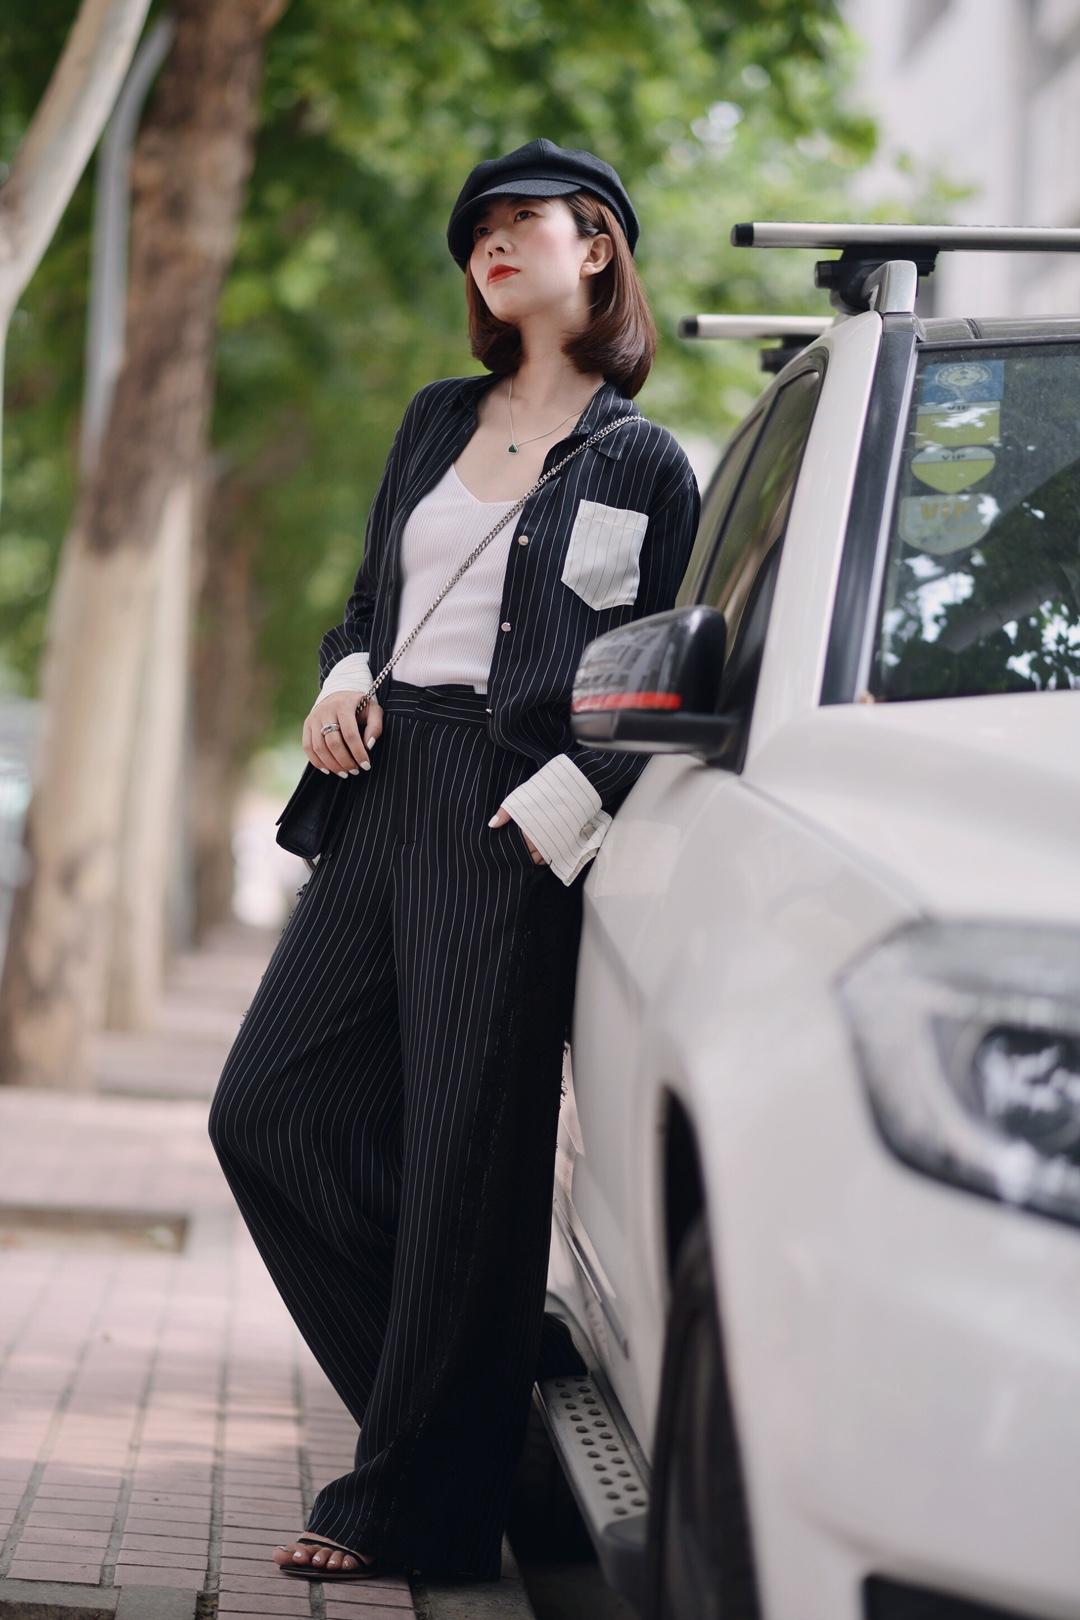 条纹套装,显瘦又舒适,早秋必备时髦单品~ #秋装上新穿搭打卡#